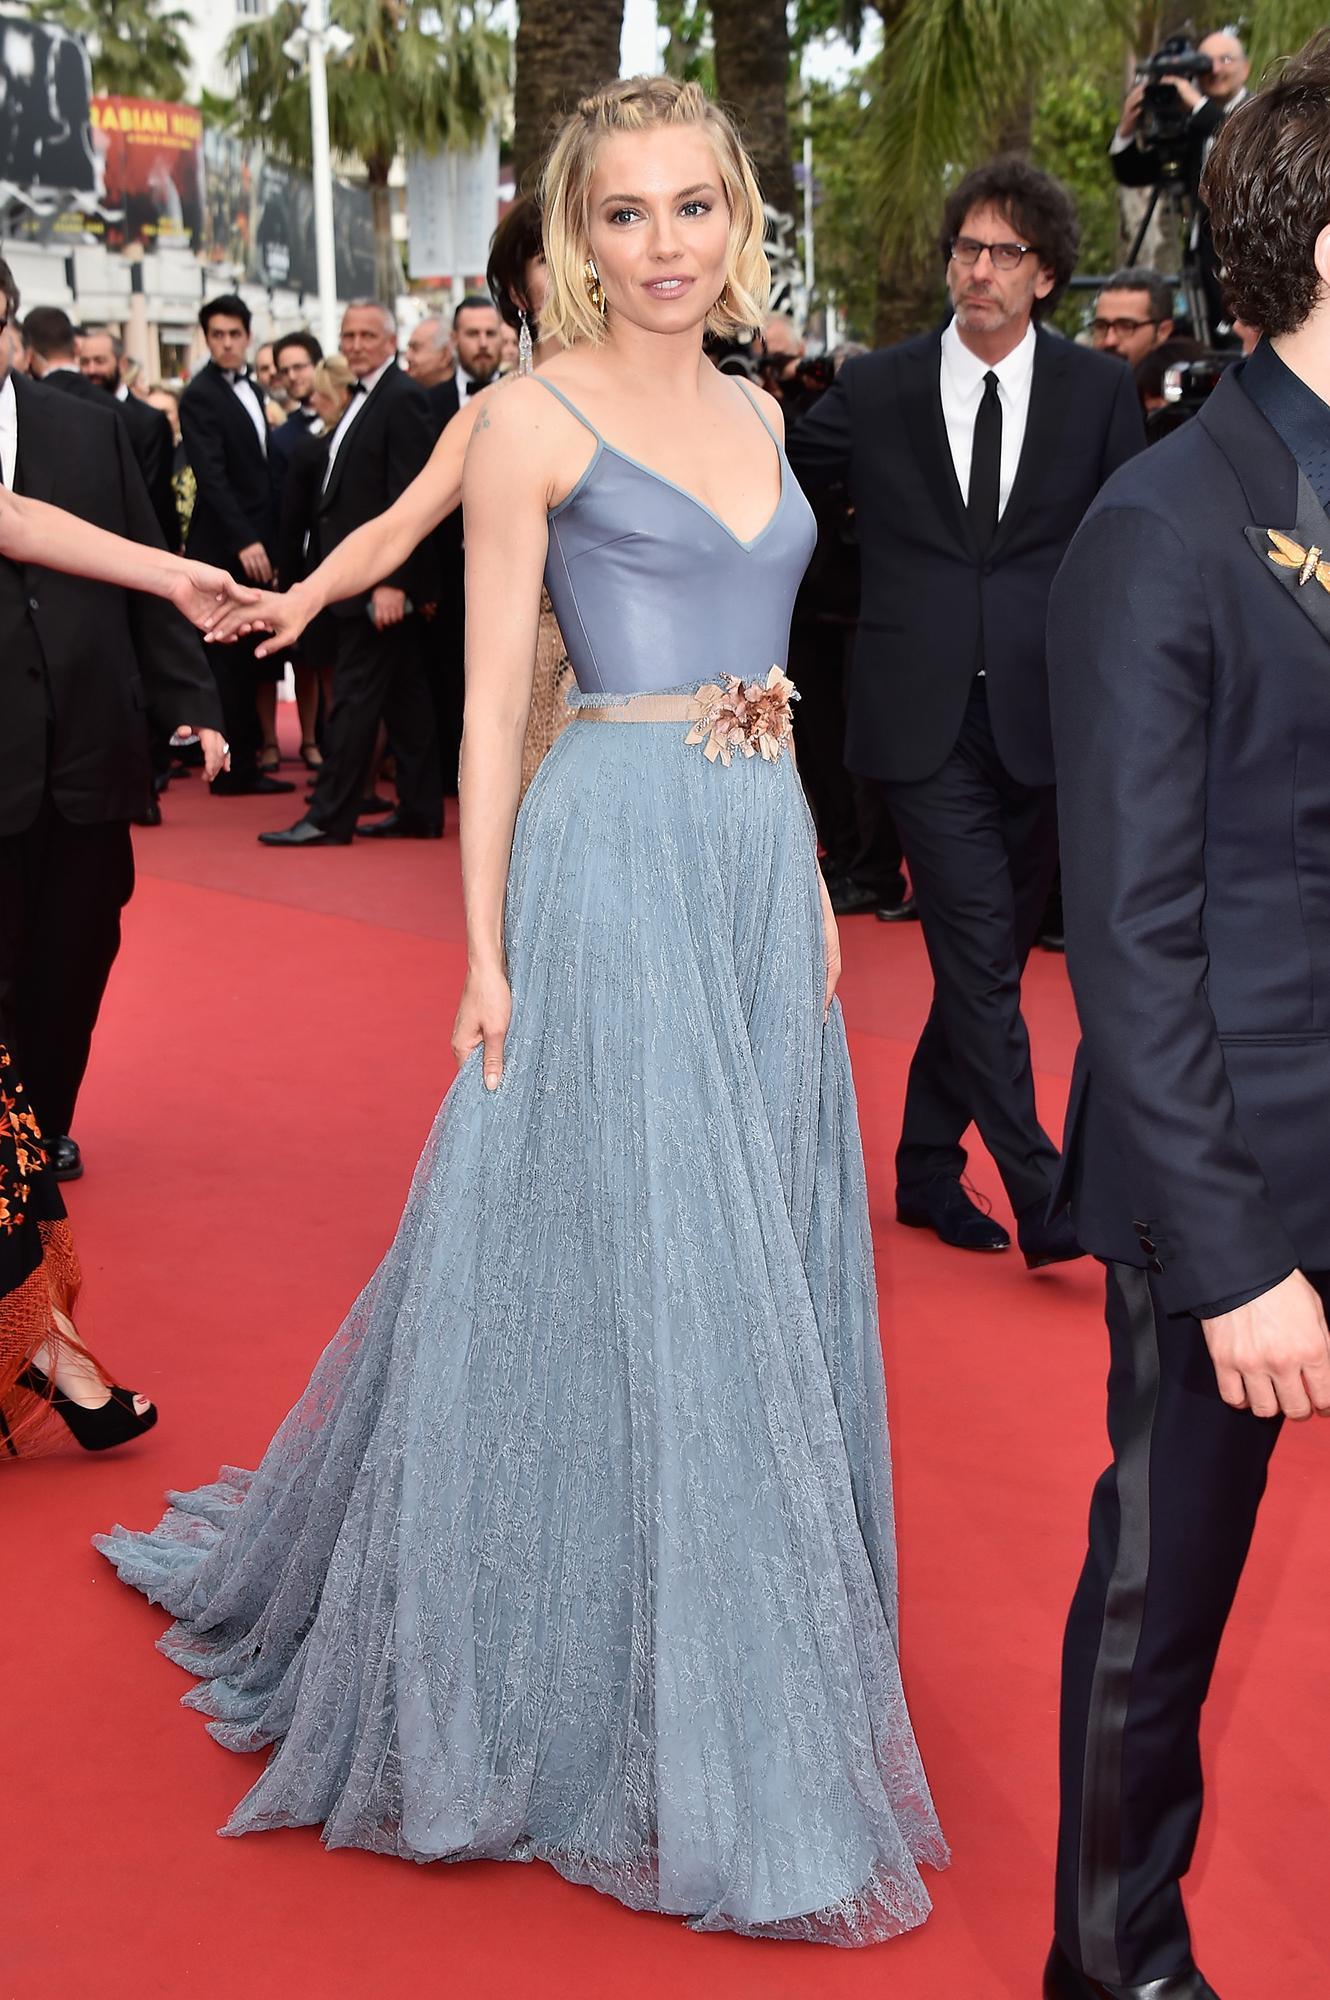 Sienna Miller is perfect in periwinkle: http://t.co/TxIB0VSMhu http://t.co/Aolip7g5yY